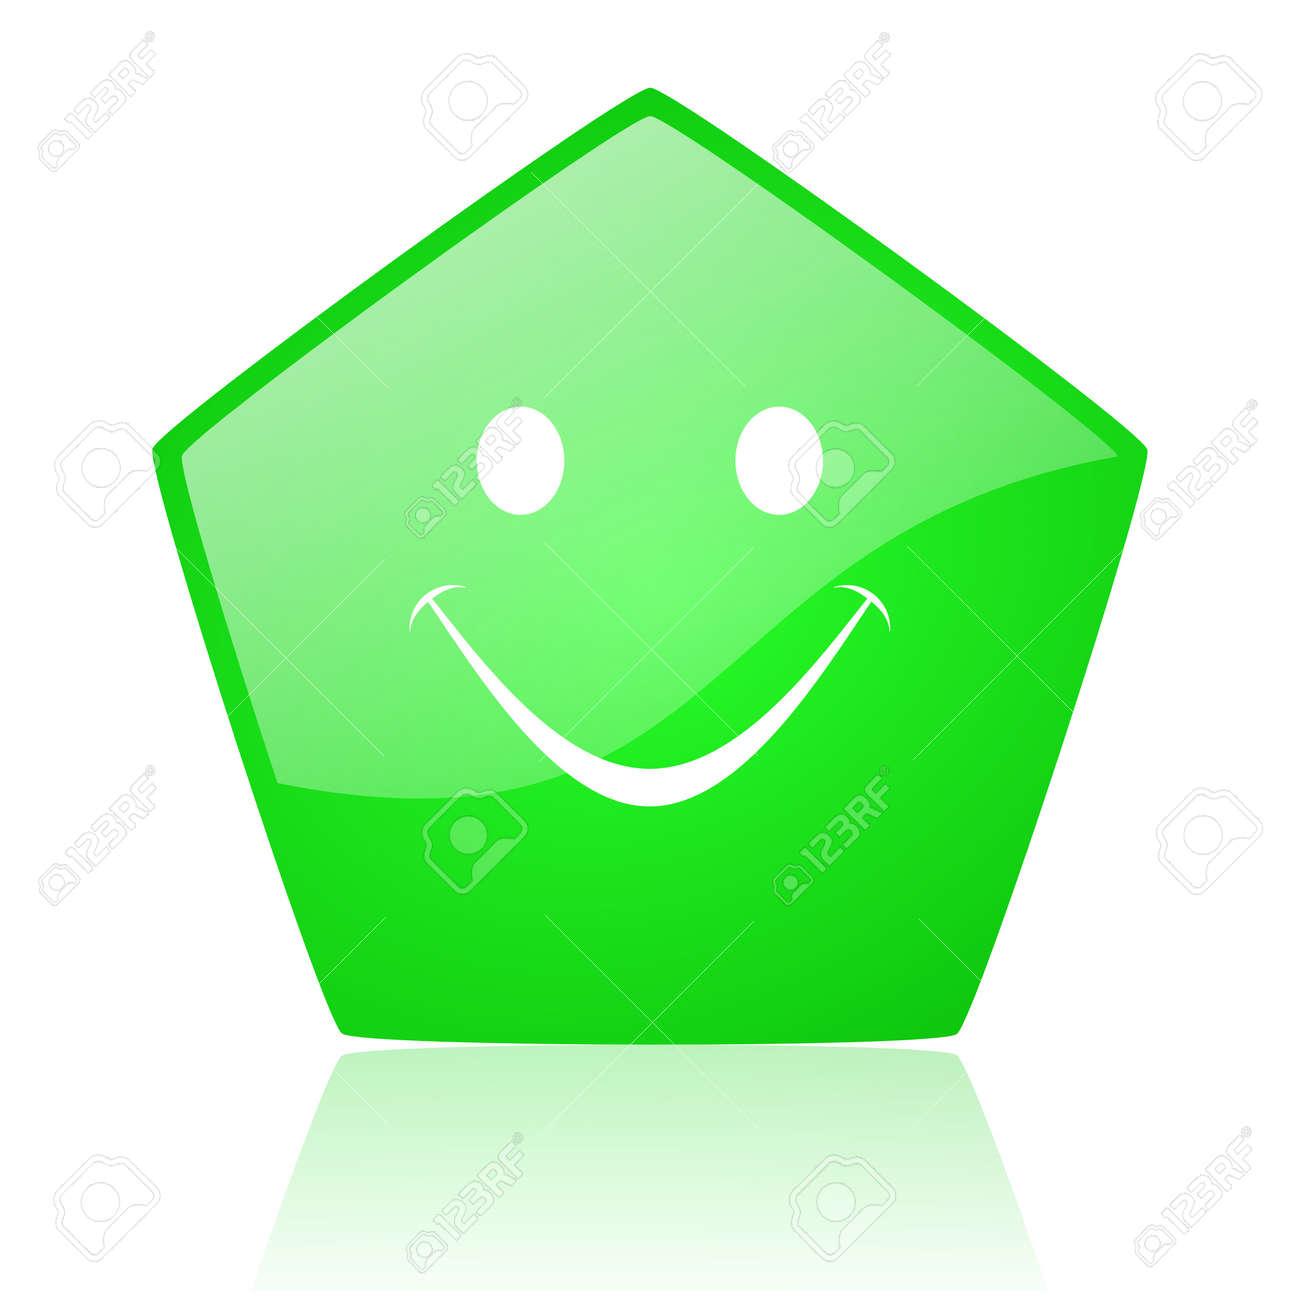 smile green pentagon web glossy icon Stock Photo - 19227950